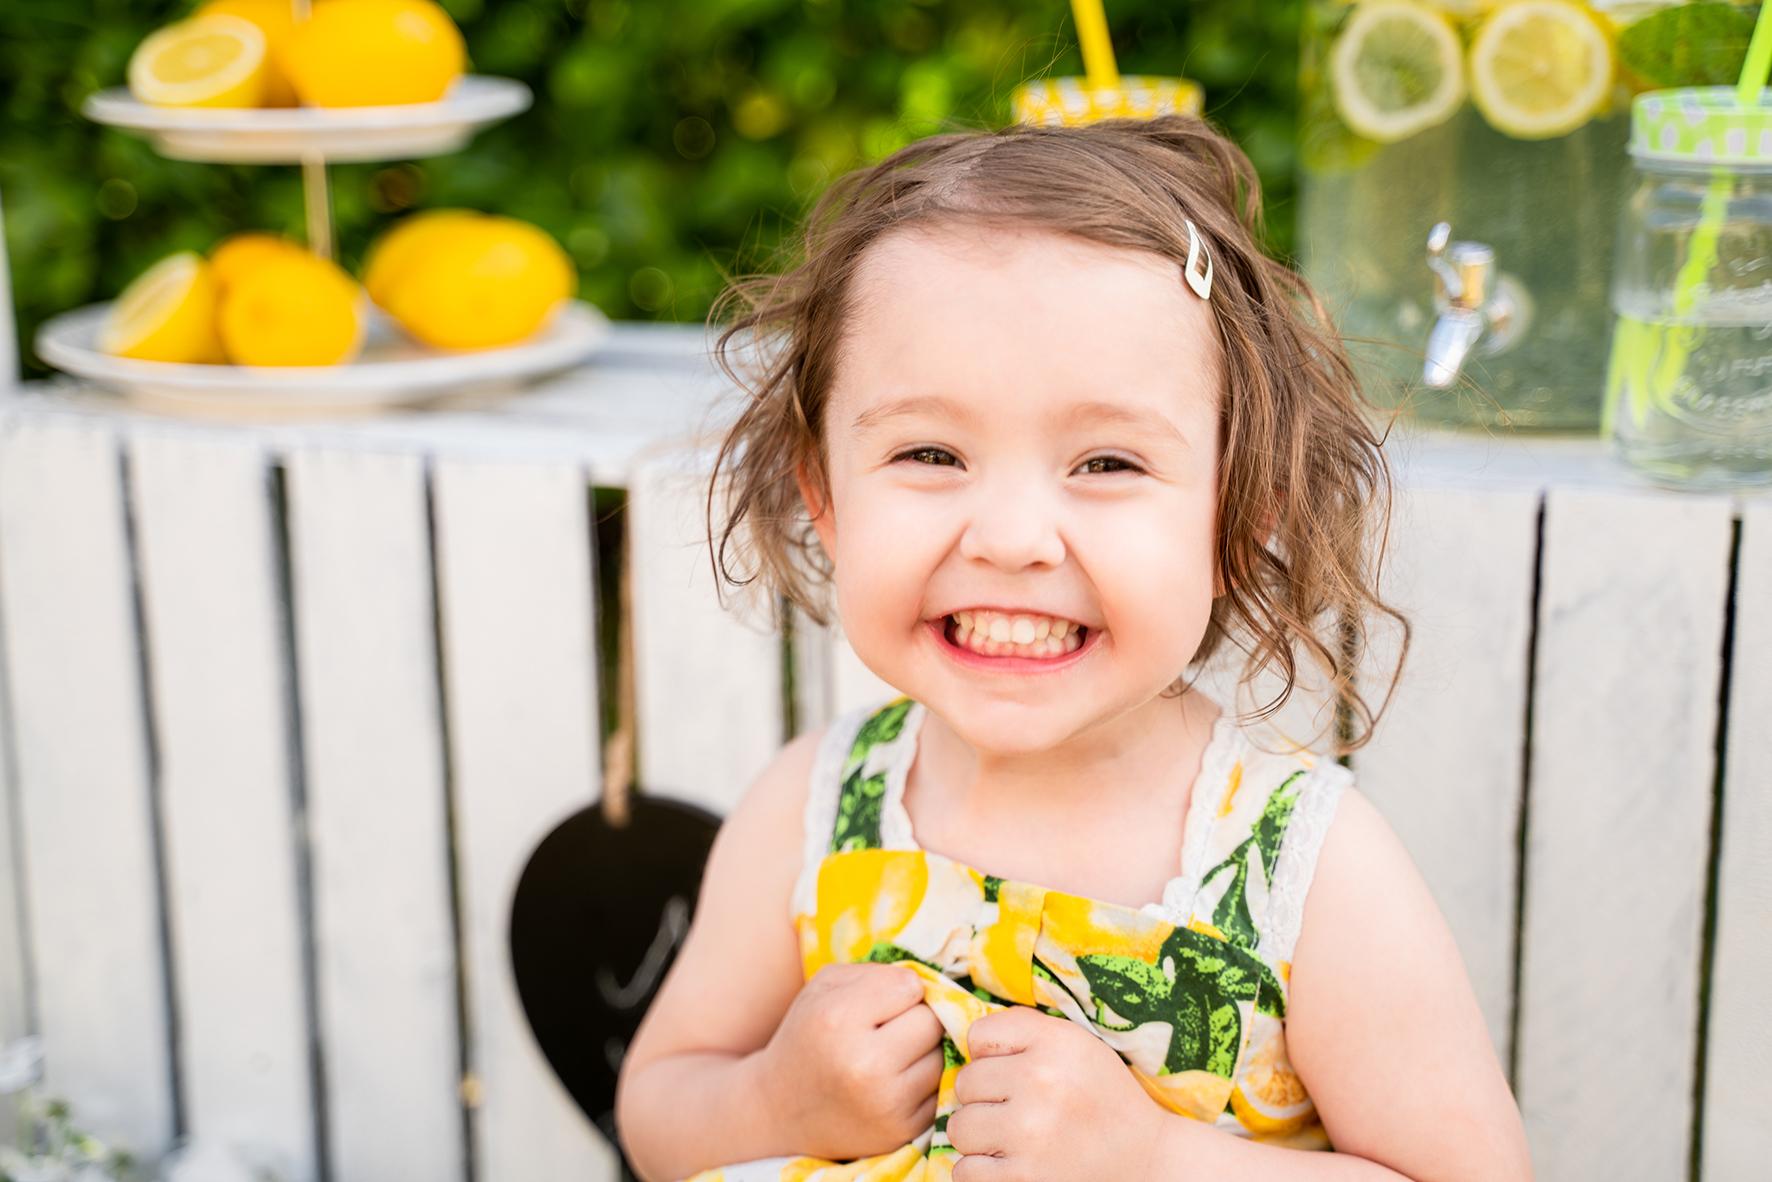 Lachendes Kind beim Fotoshooting mit Zitronen